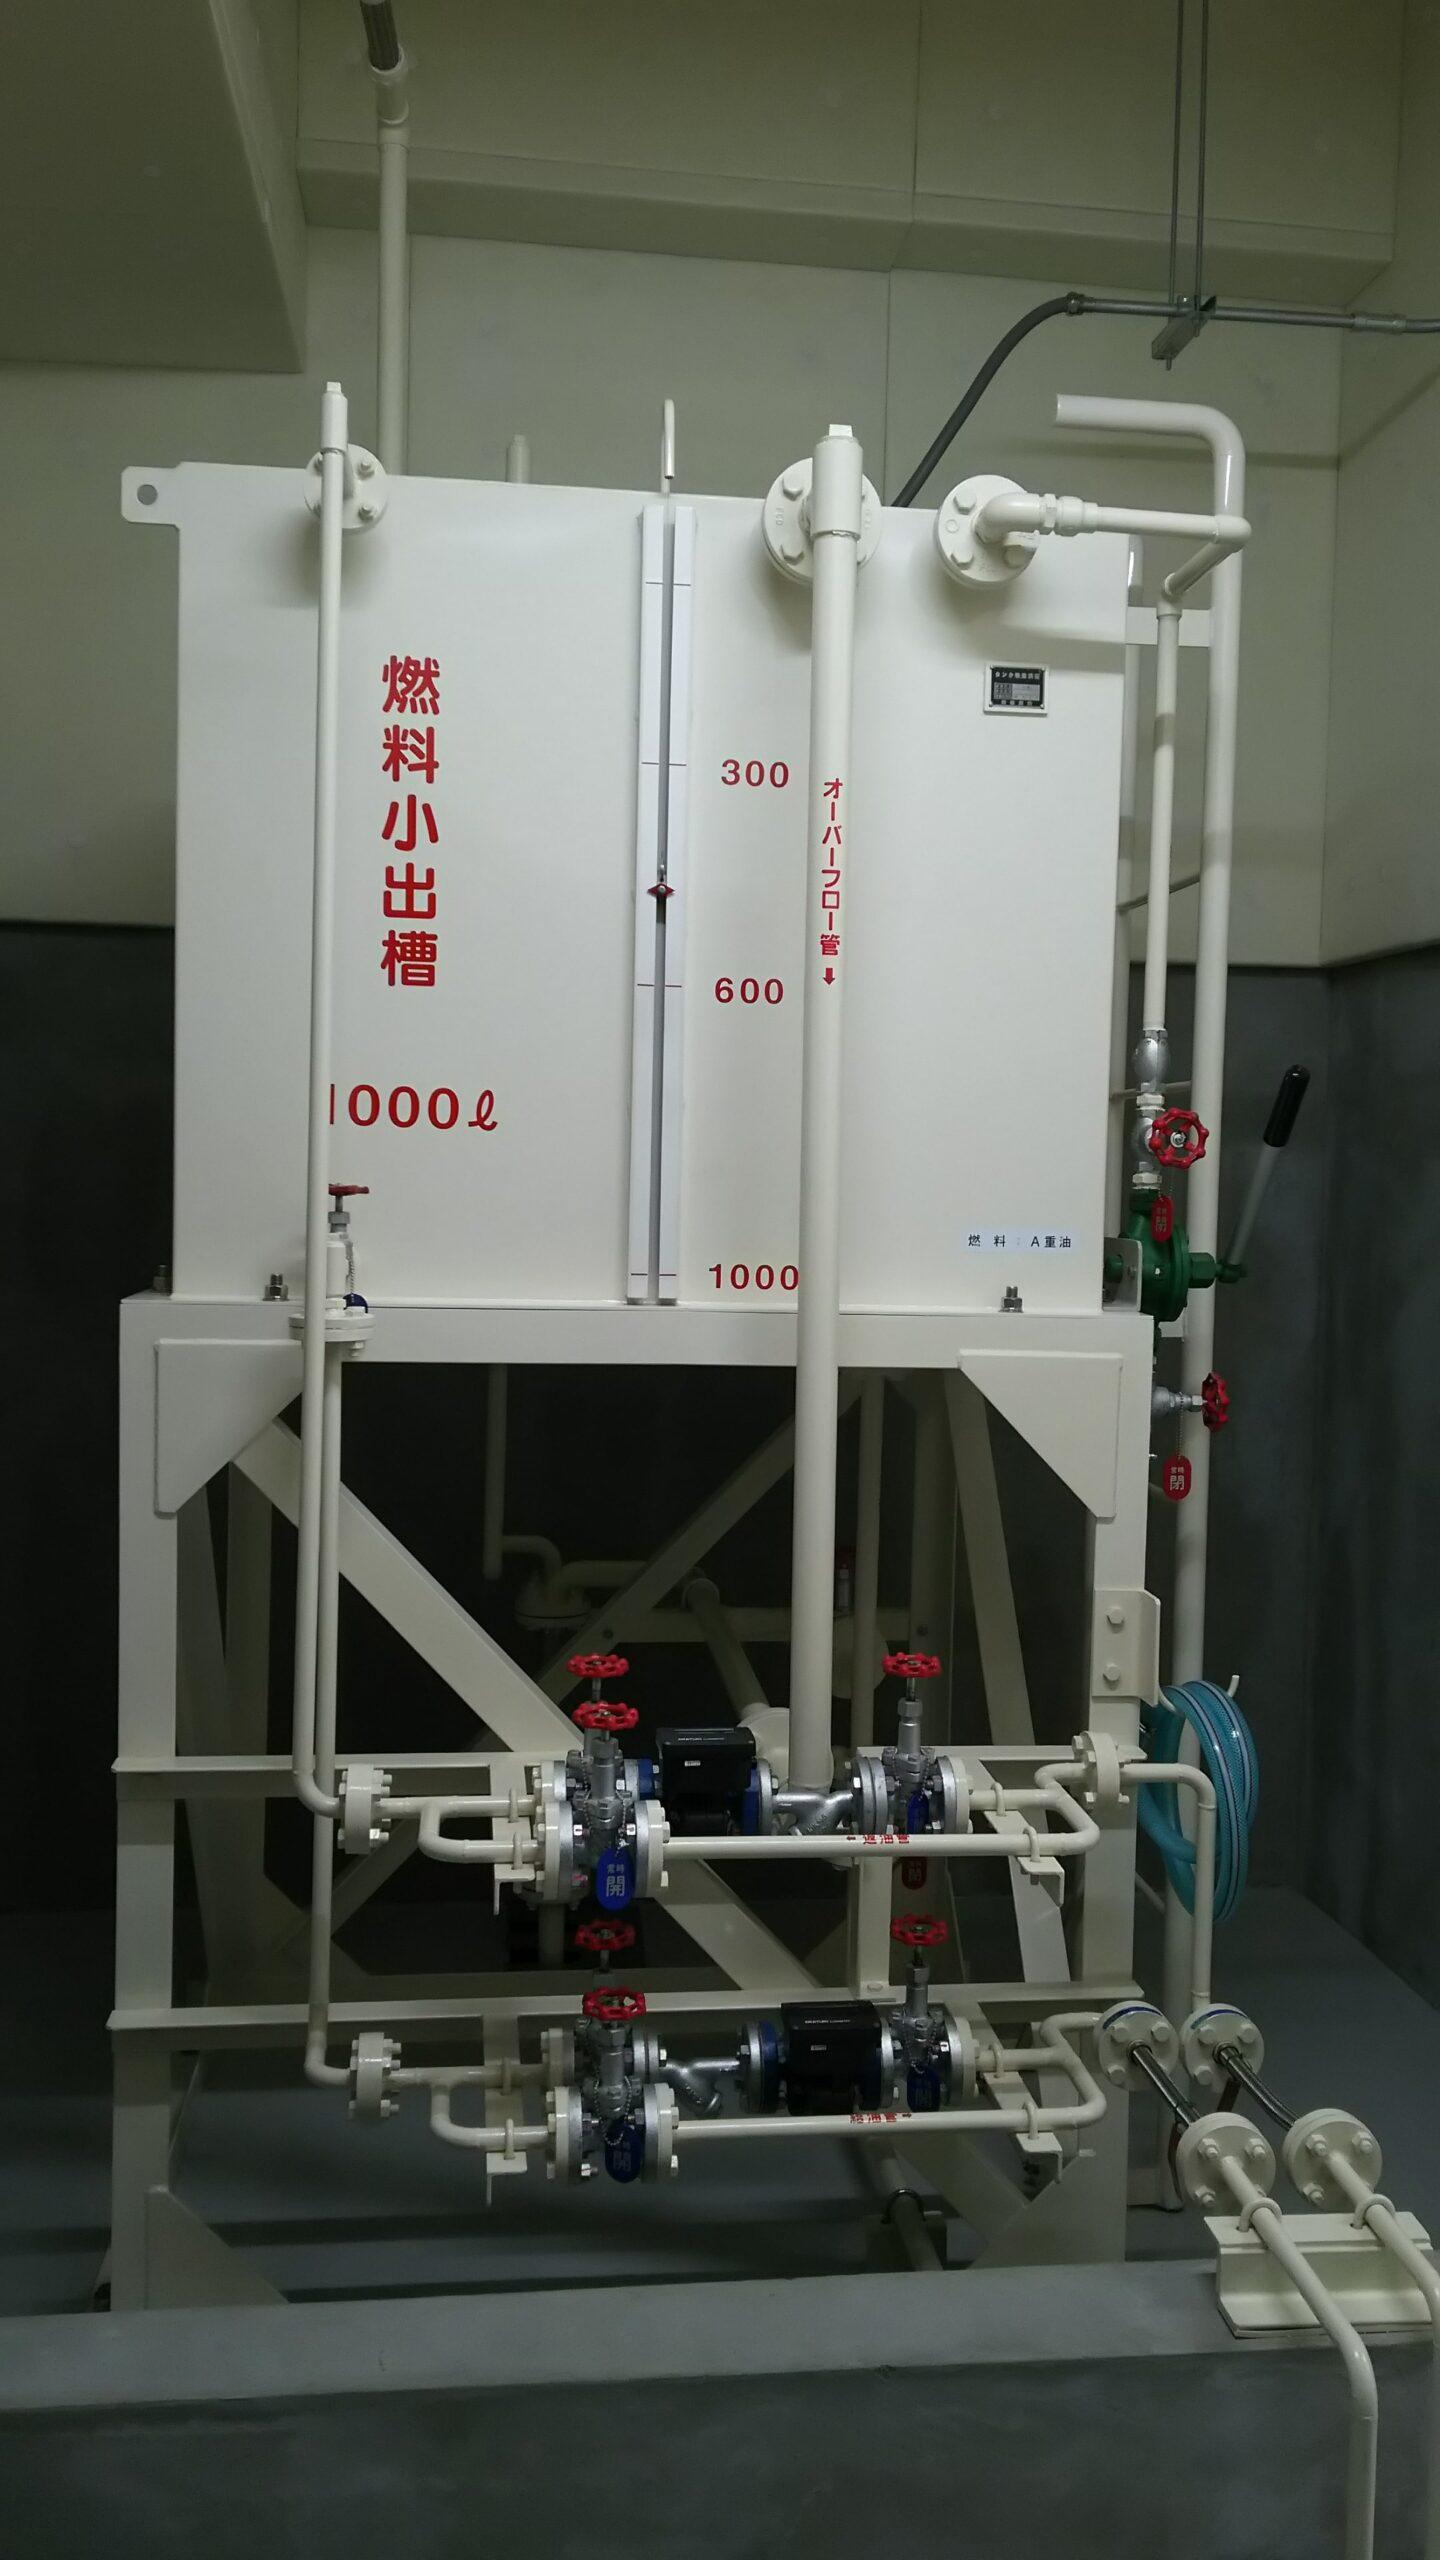 (燃料タンク製作据付及び燃料配管製作取付・市内某警察署)